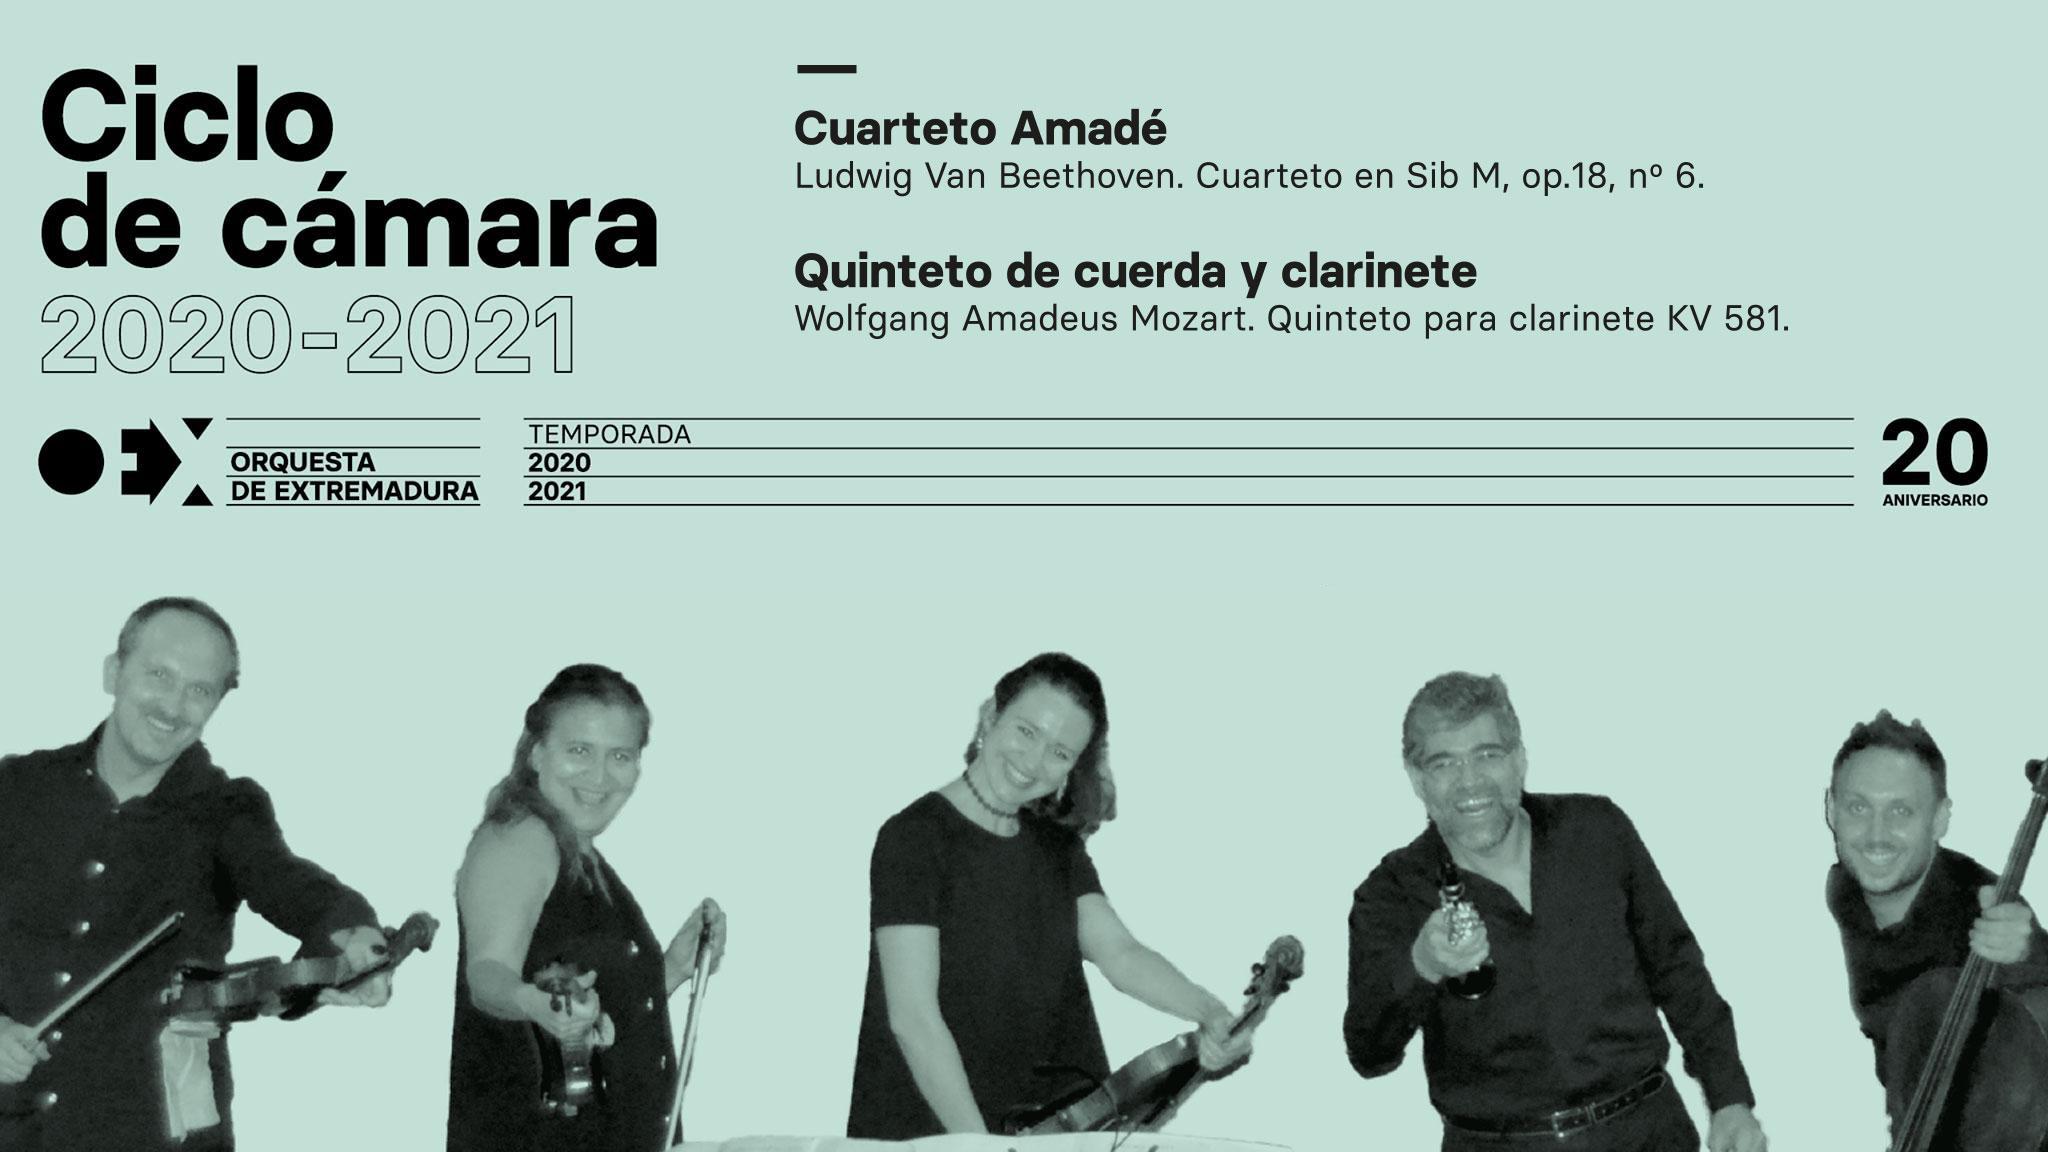 Cuarteto de cuerda y clarinete